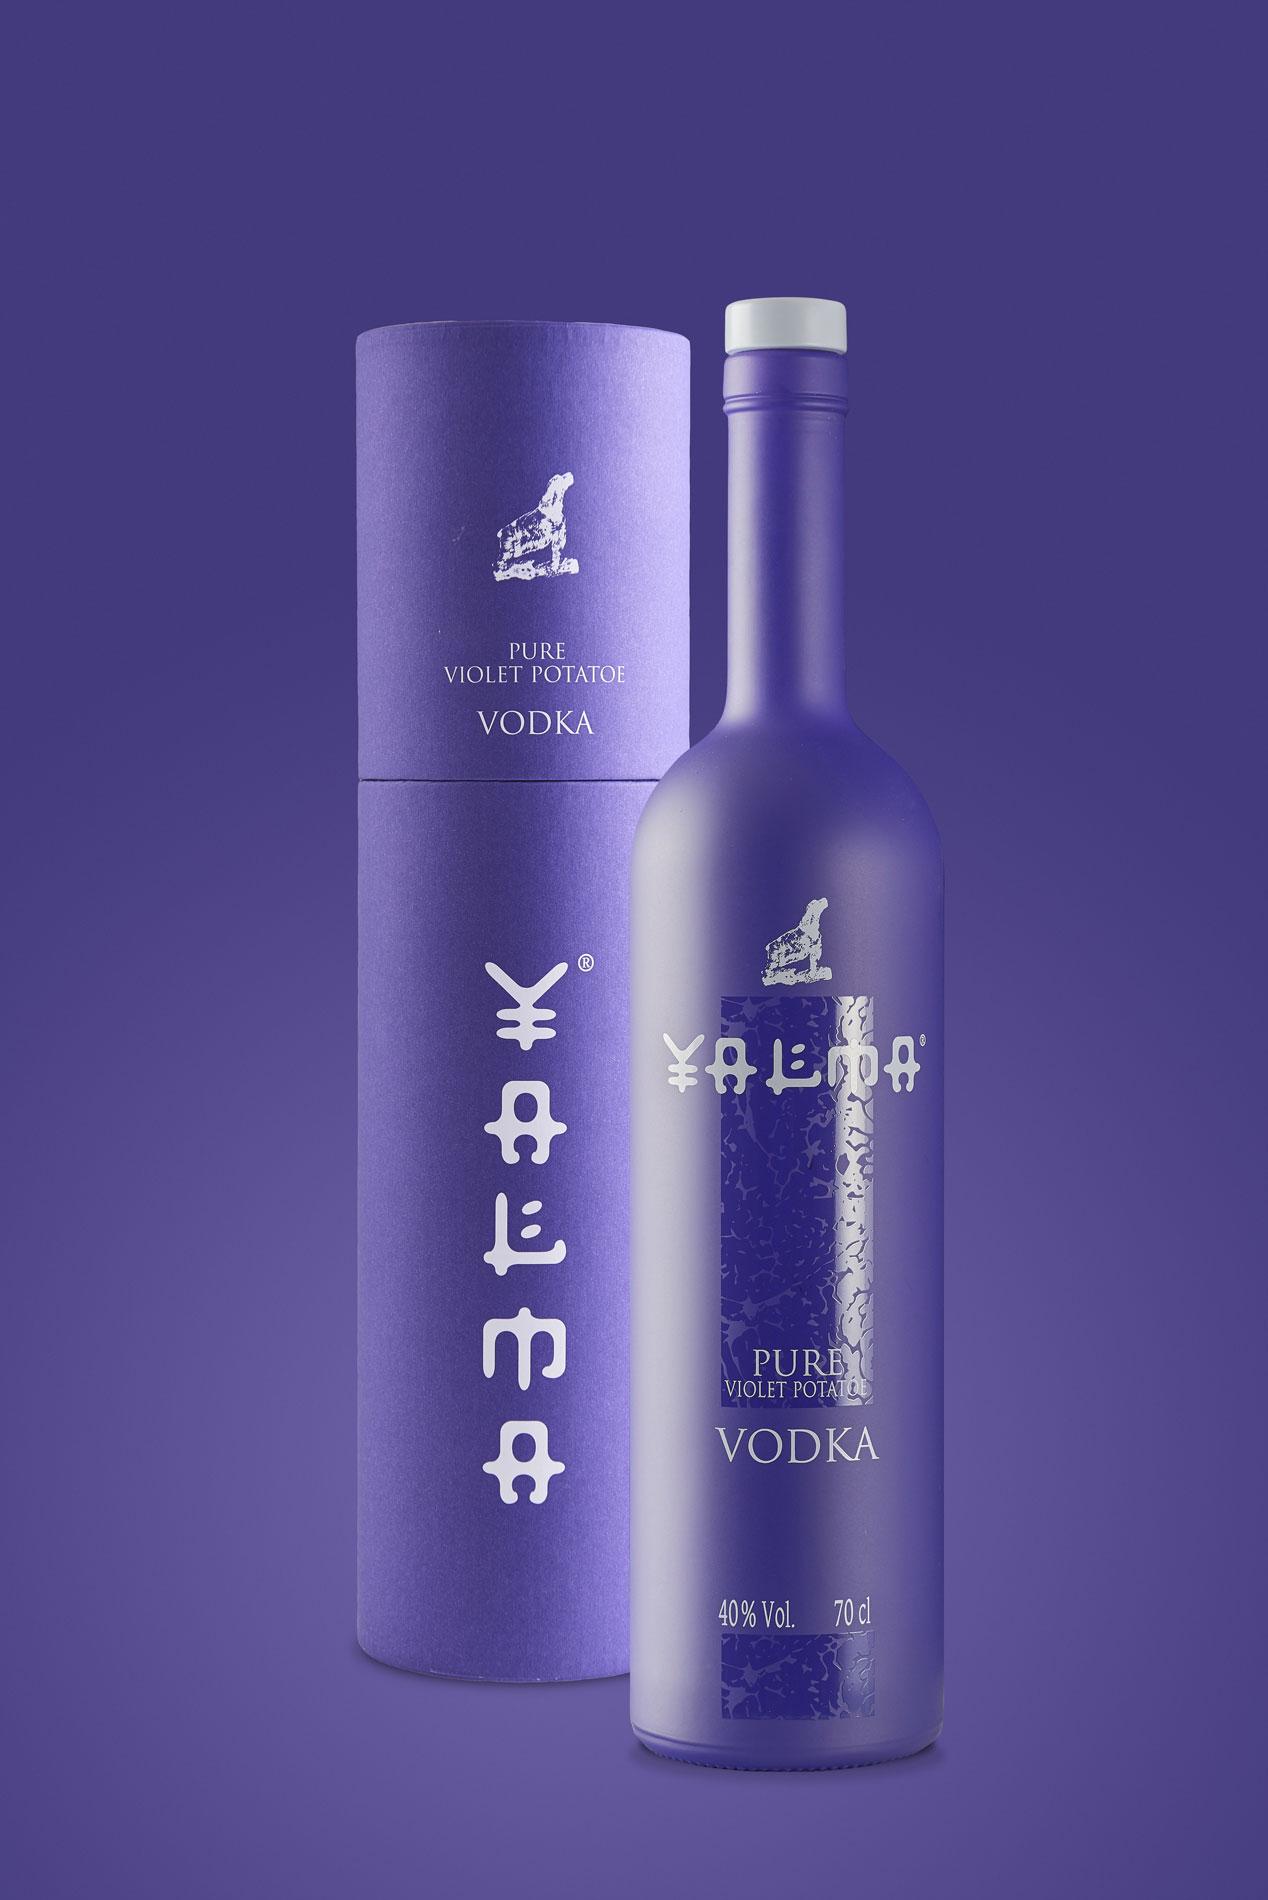 Diseño de botella y packaging